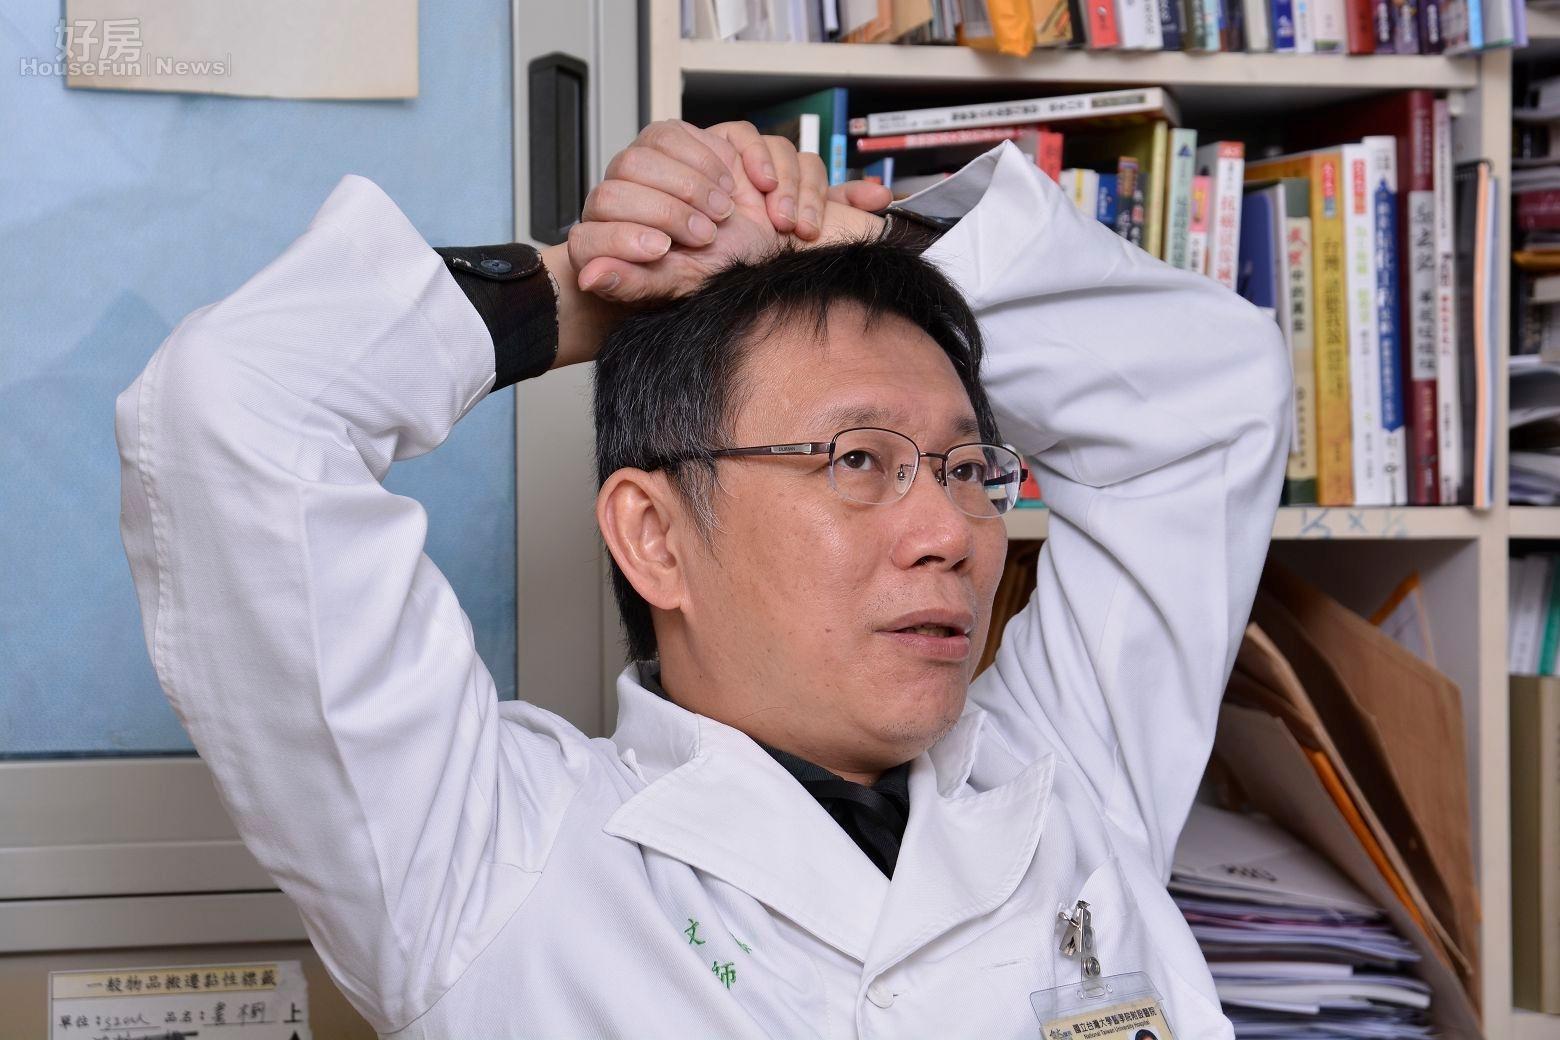 台大醫師柯文哲,民進黨台北市長黨內初選候選人,談到兒女時無奈的感嘆工作繁忙,陪伴兒女時間甚少。(好房News記者 陳韋帆/攝影)